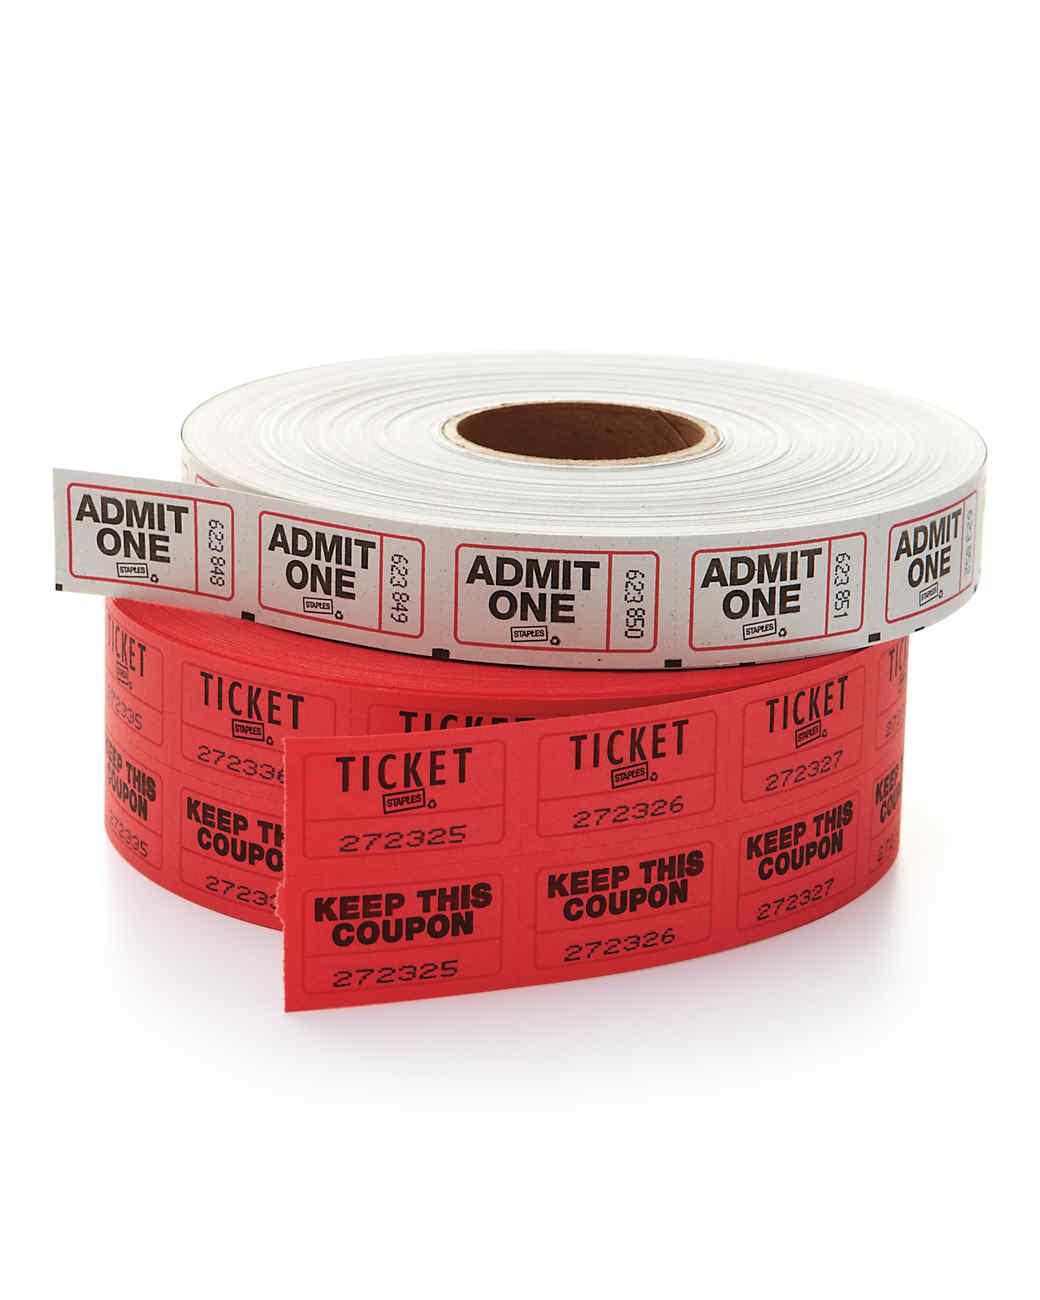 tickets-009-mld109144.jpg